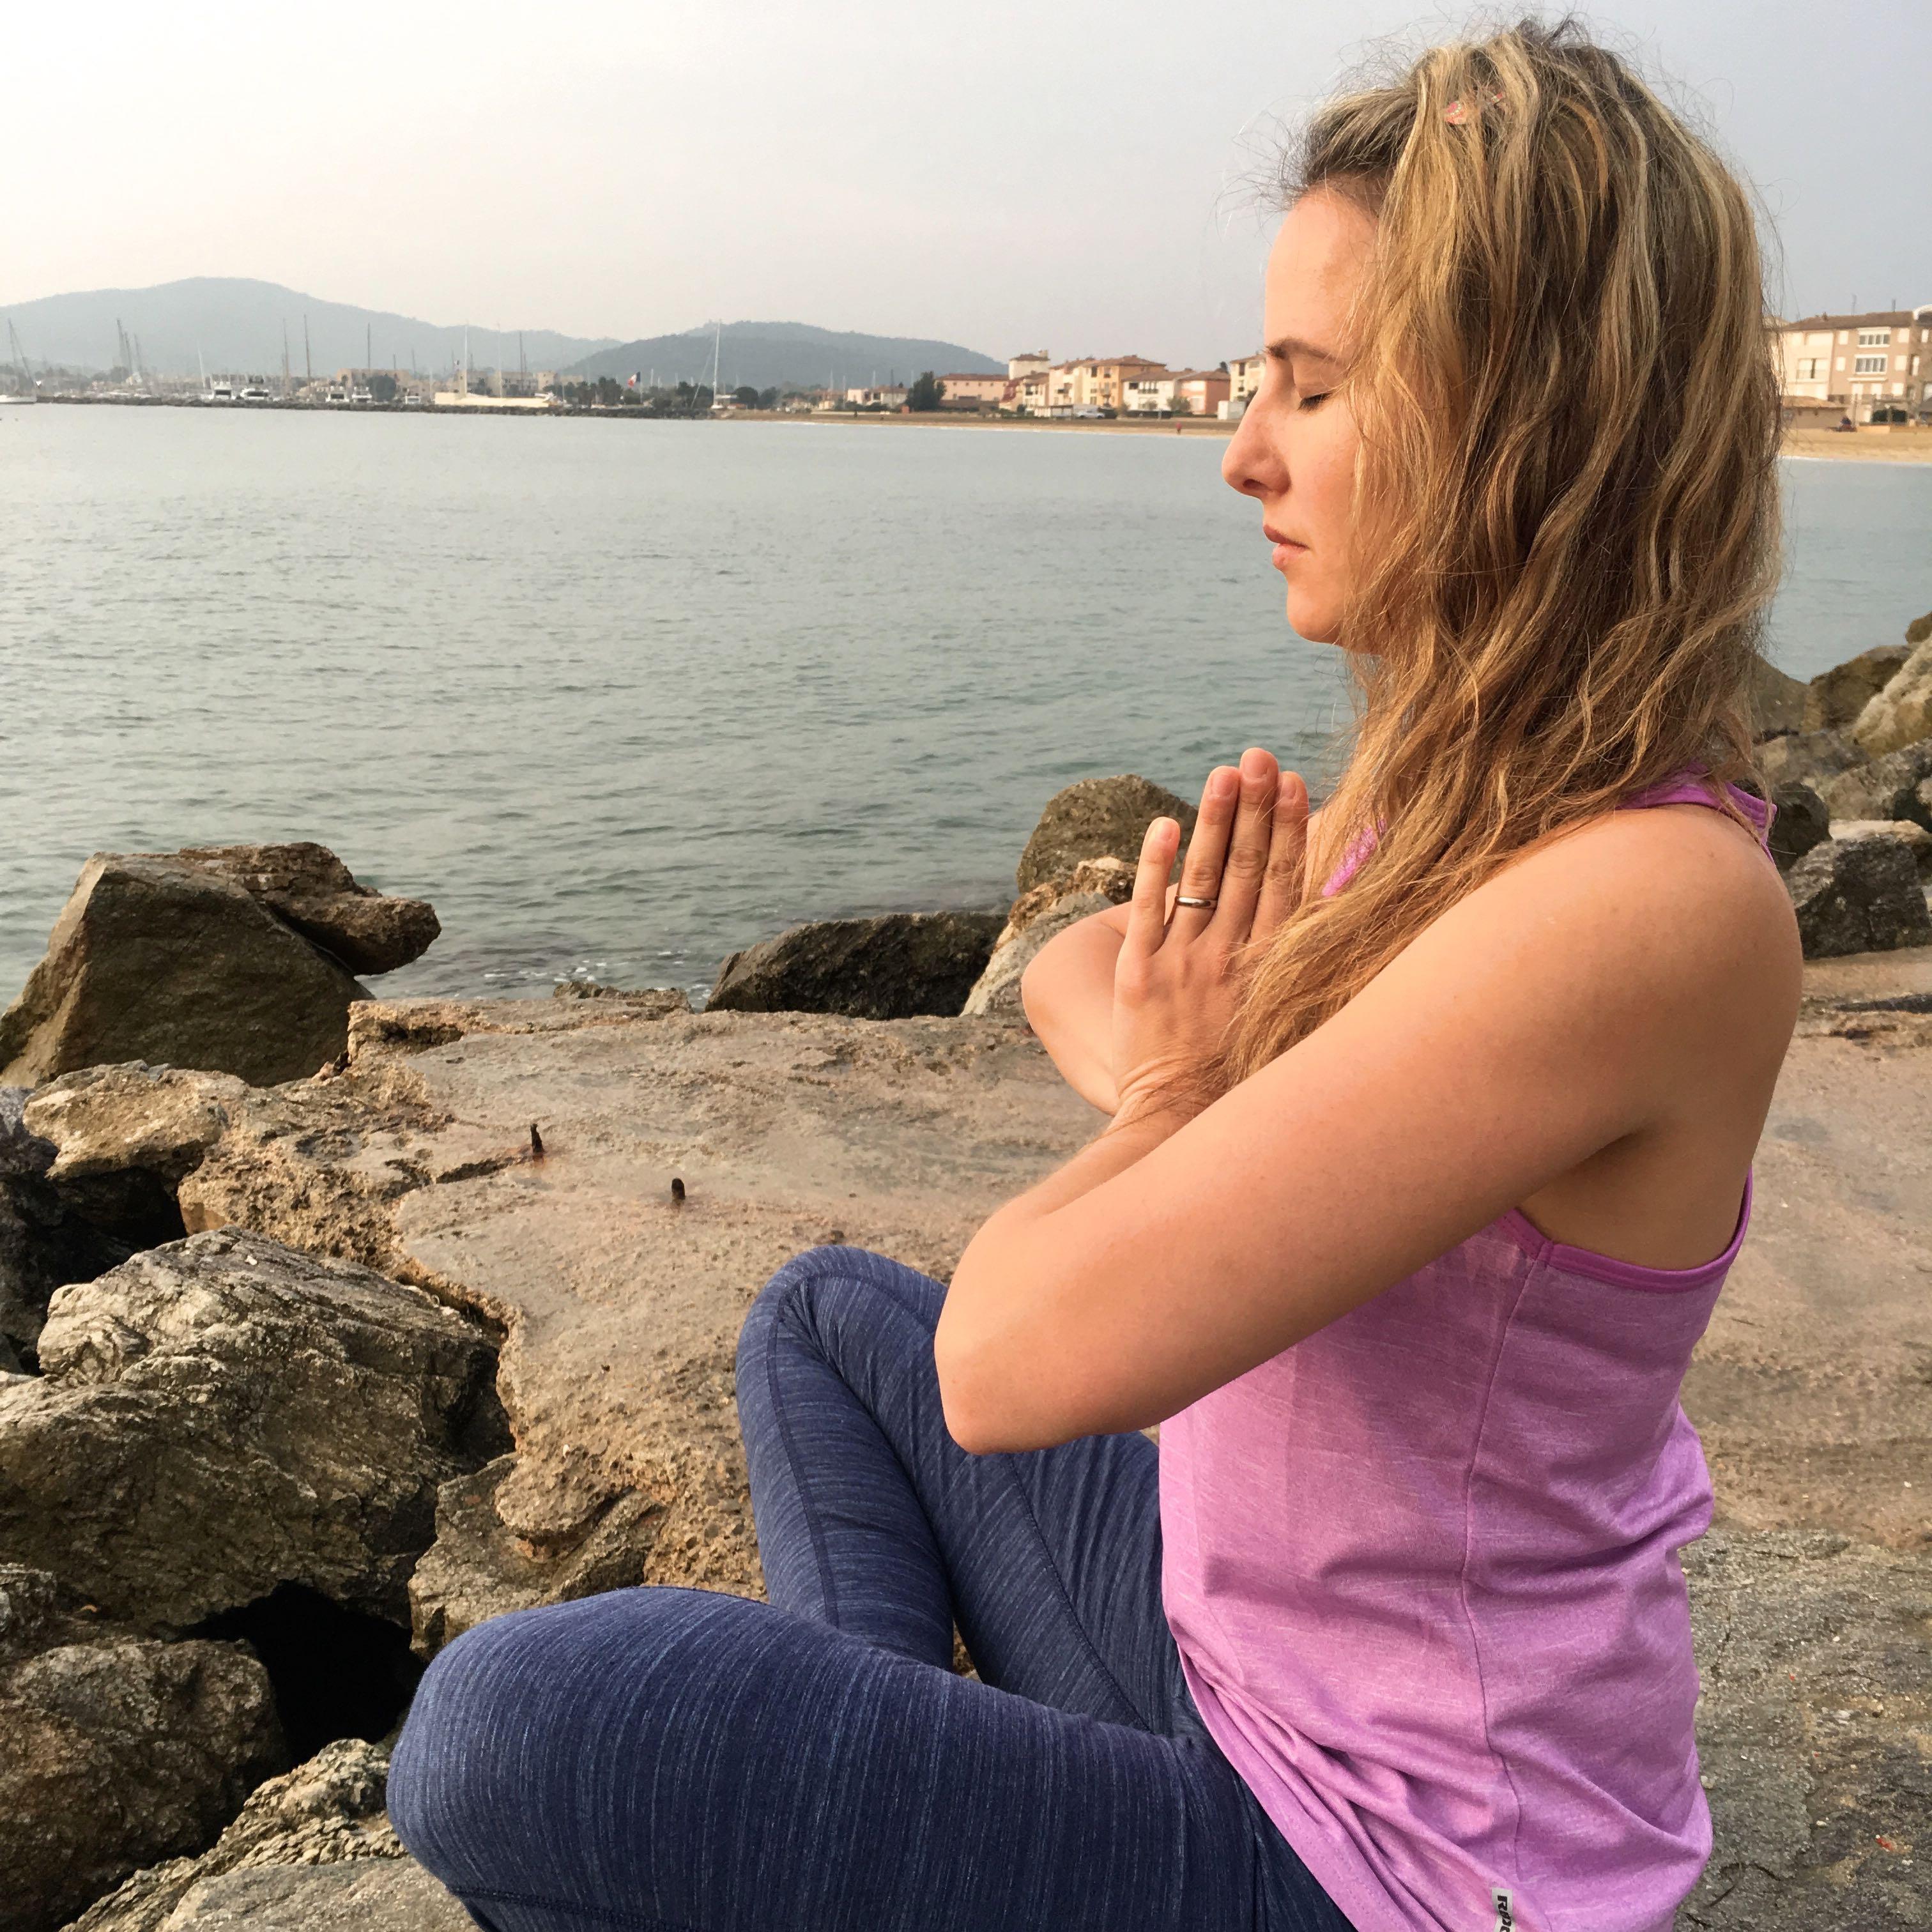 Komm zur Ruhe - beim Outdoor-Yoga